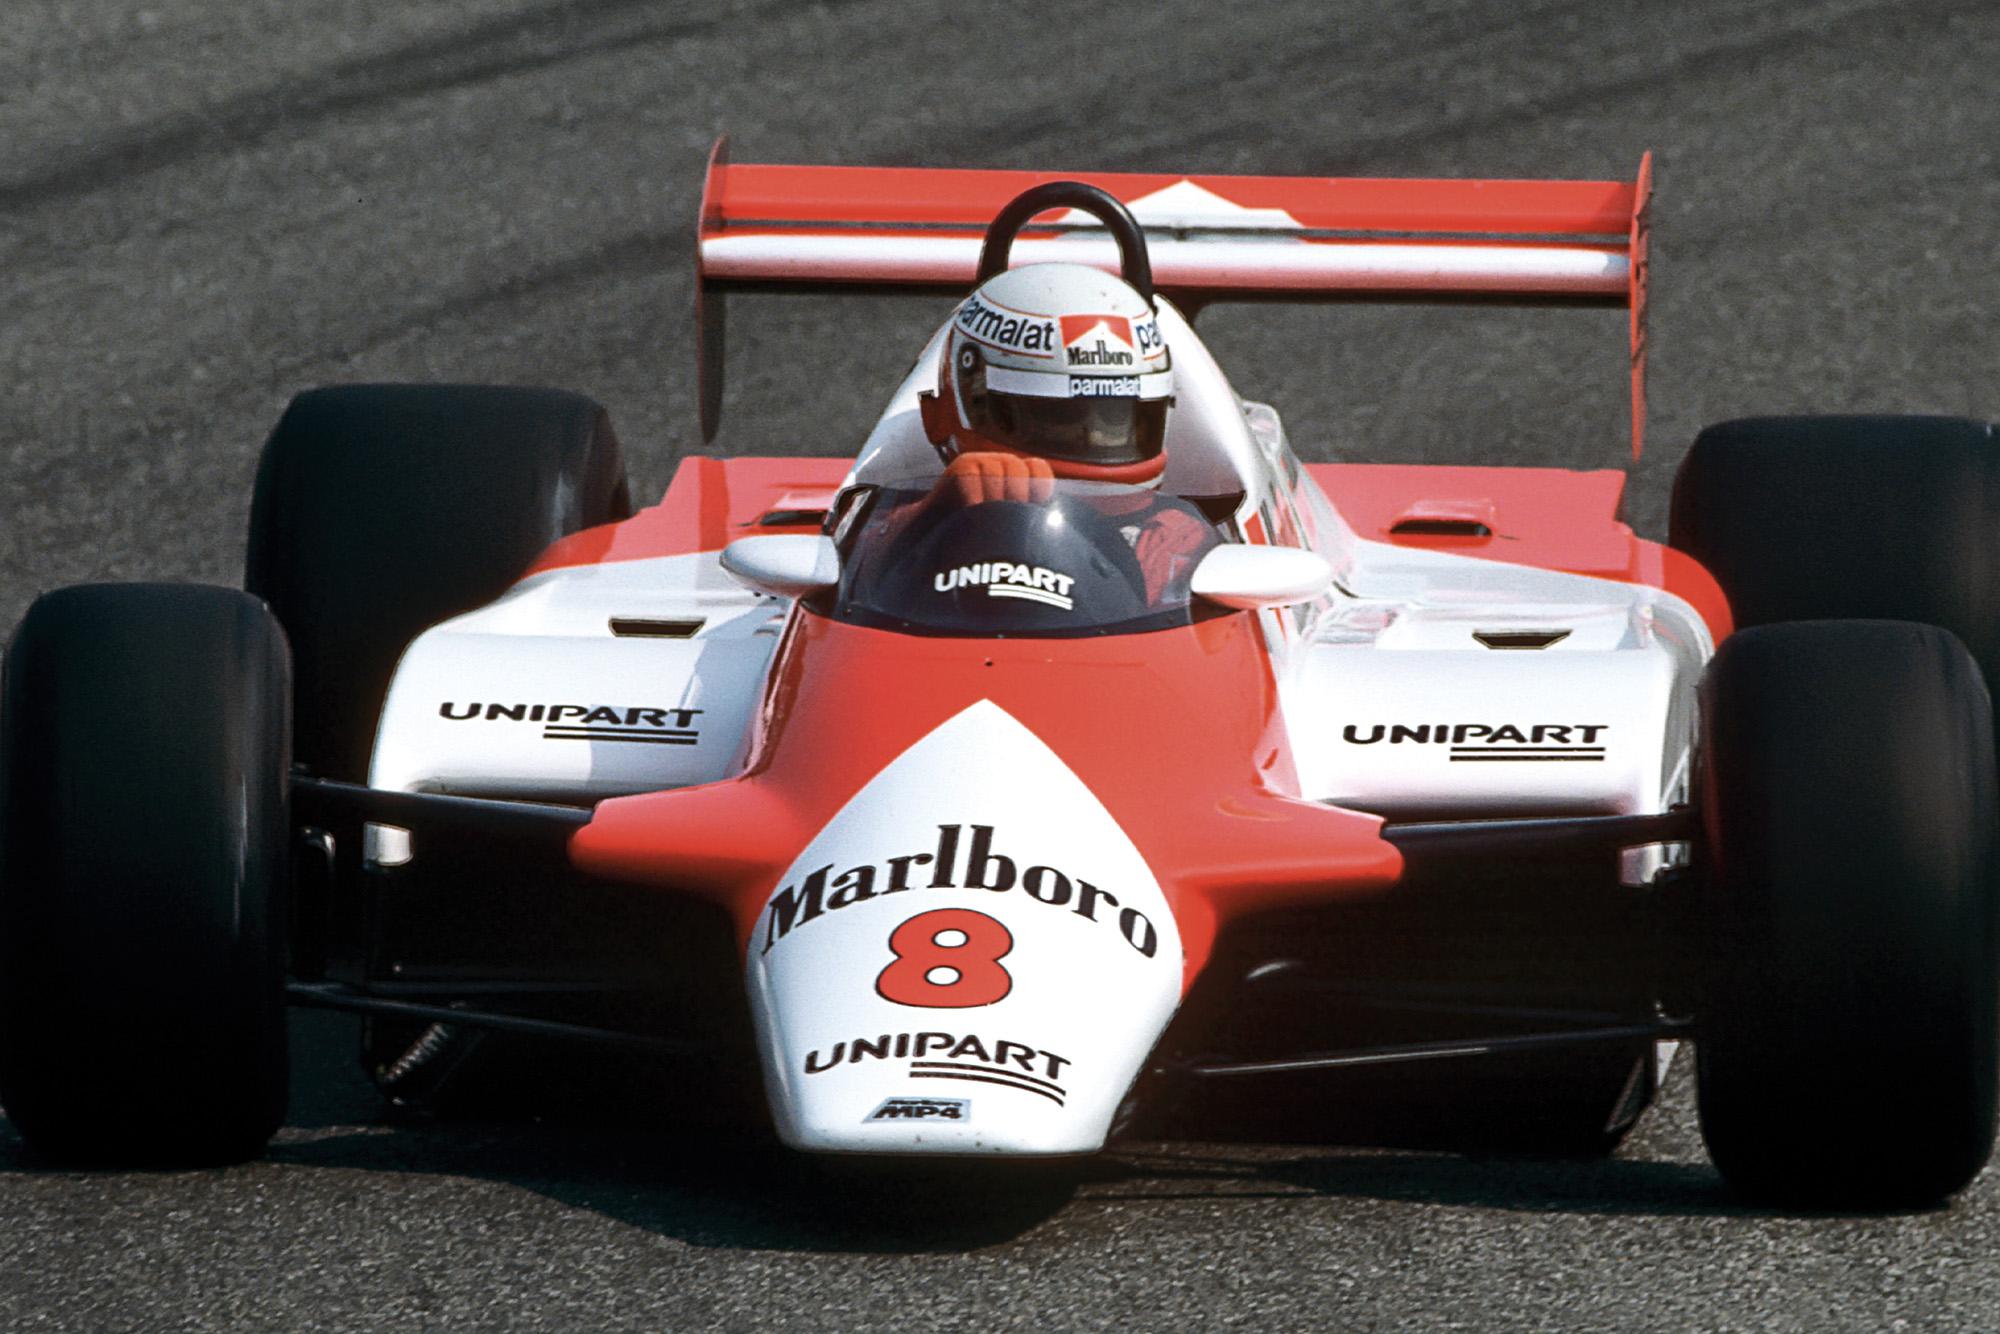 Niki Lauda 1982 Dutch Grand Prix